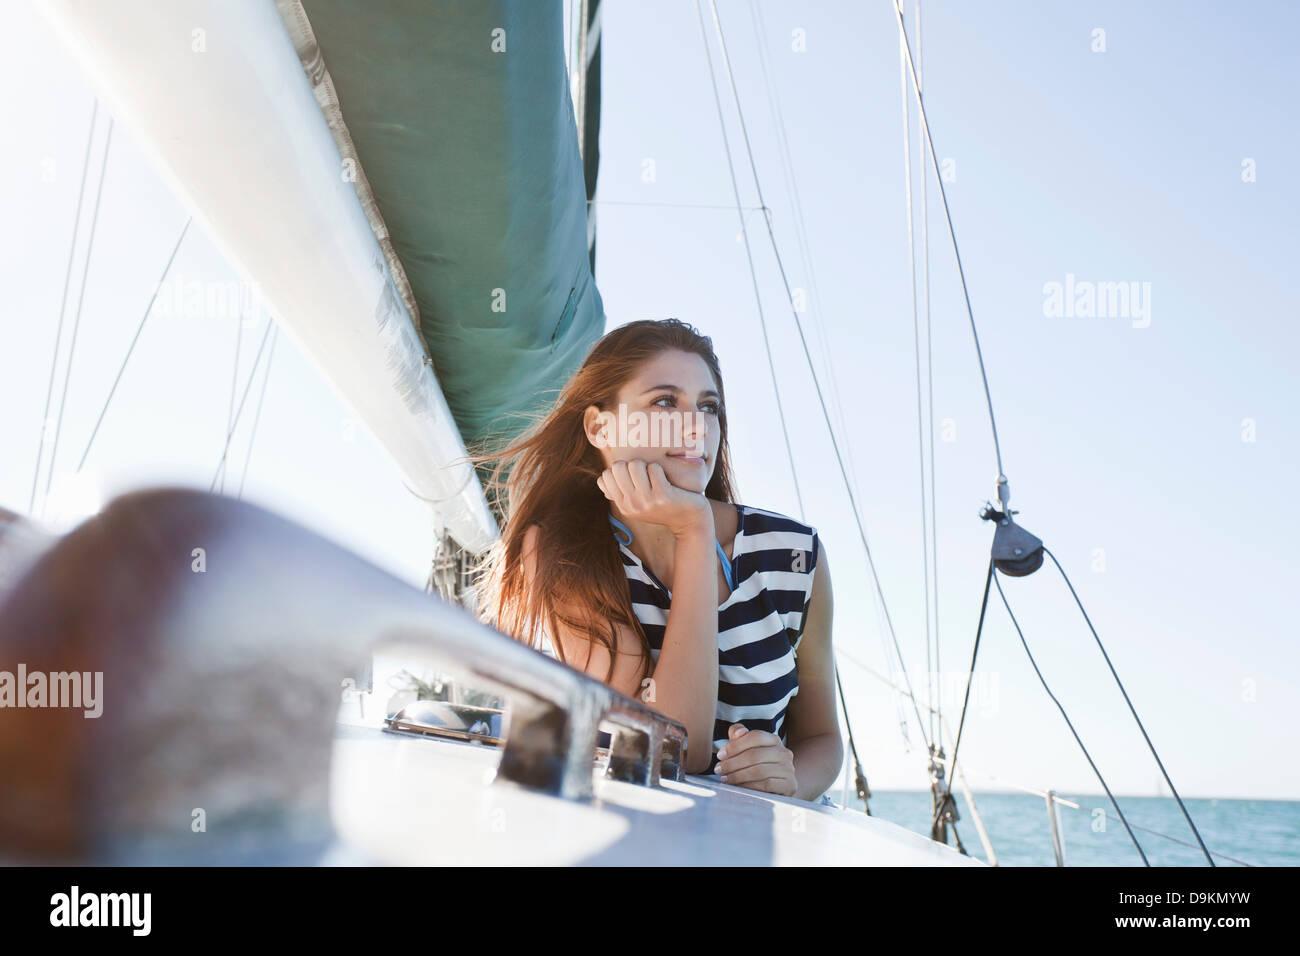 Jeune femme sur le port de yacht haut rayé Photo Stock